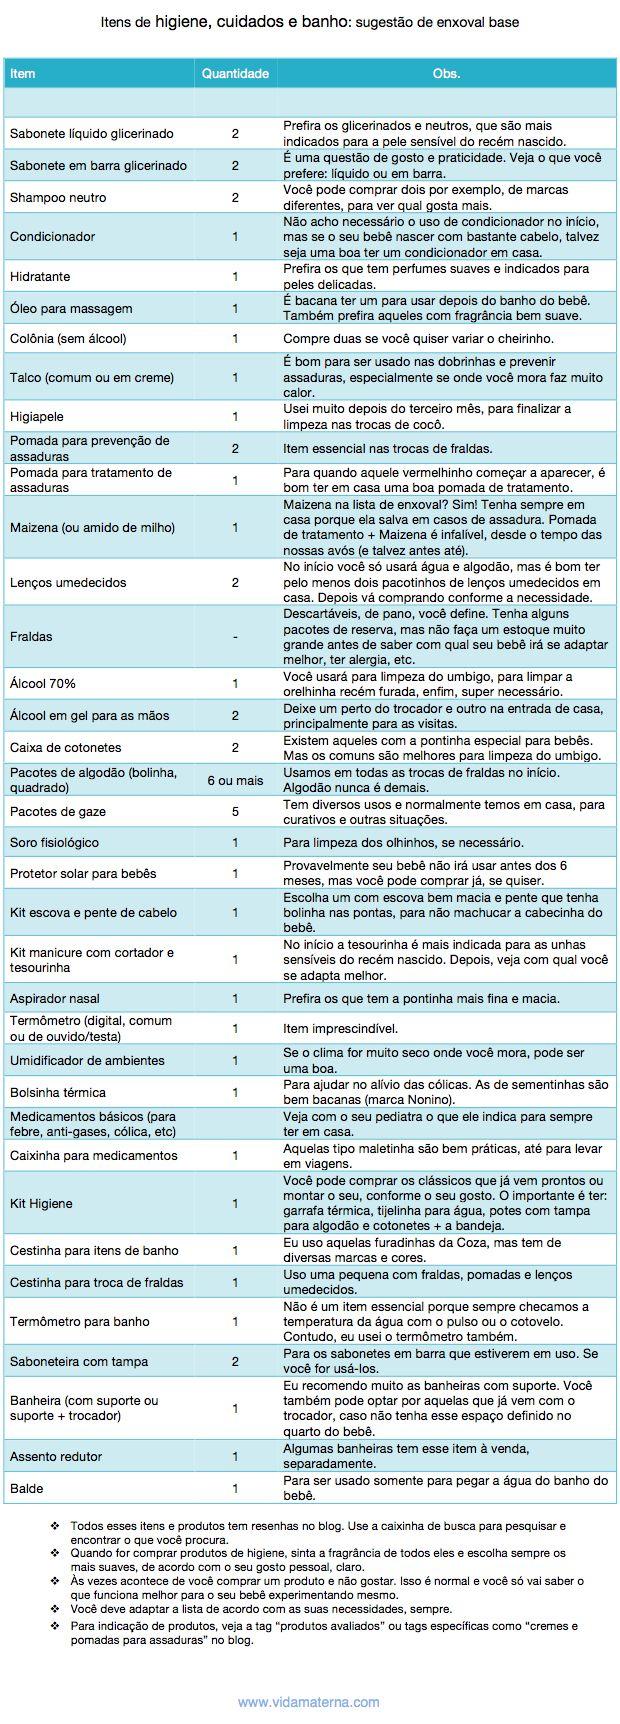 Lista Enxoval - Itens de higiene, cuidados e banho